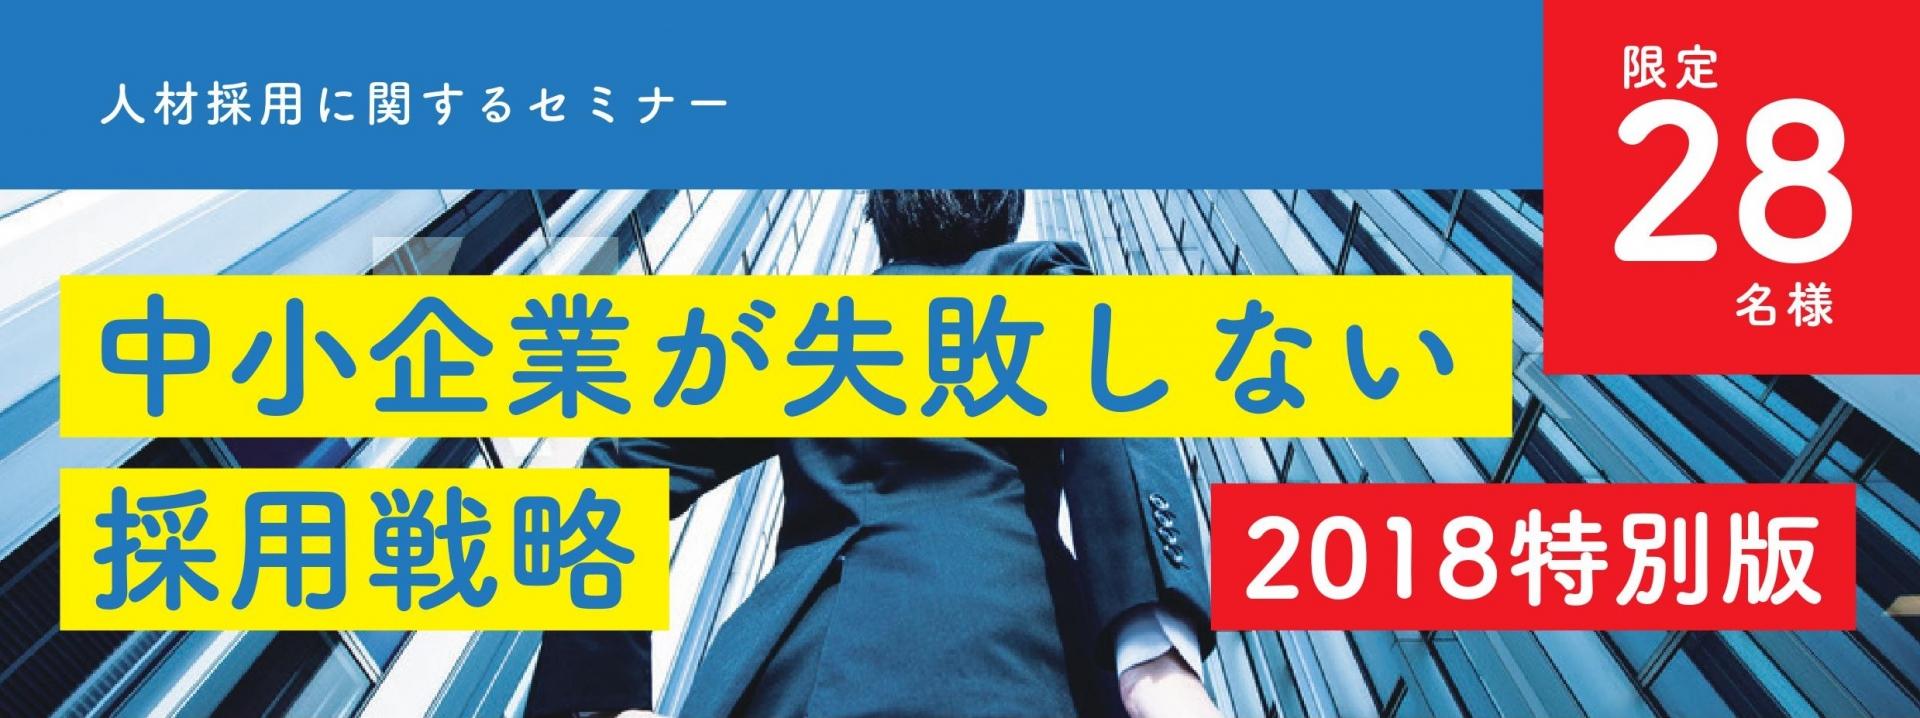 【3/5東京】 中小企業が失敗しない採用戦略